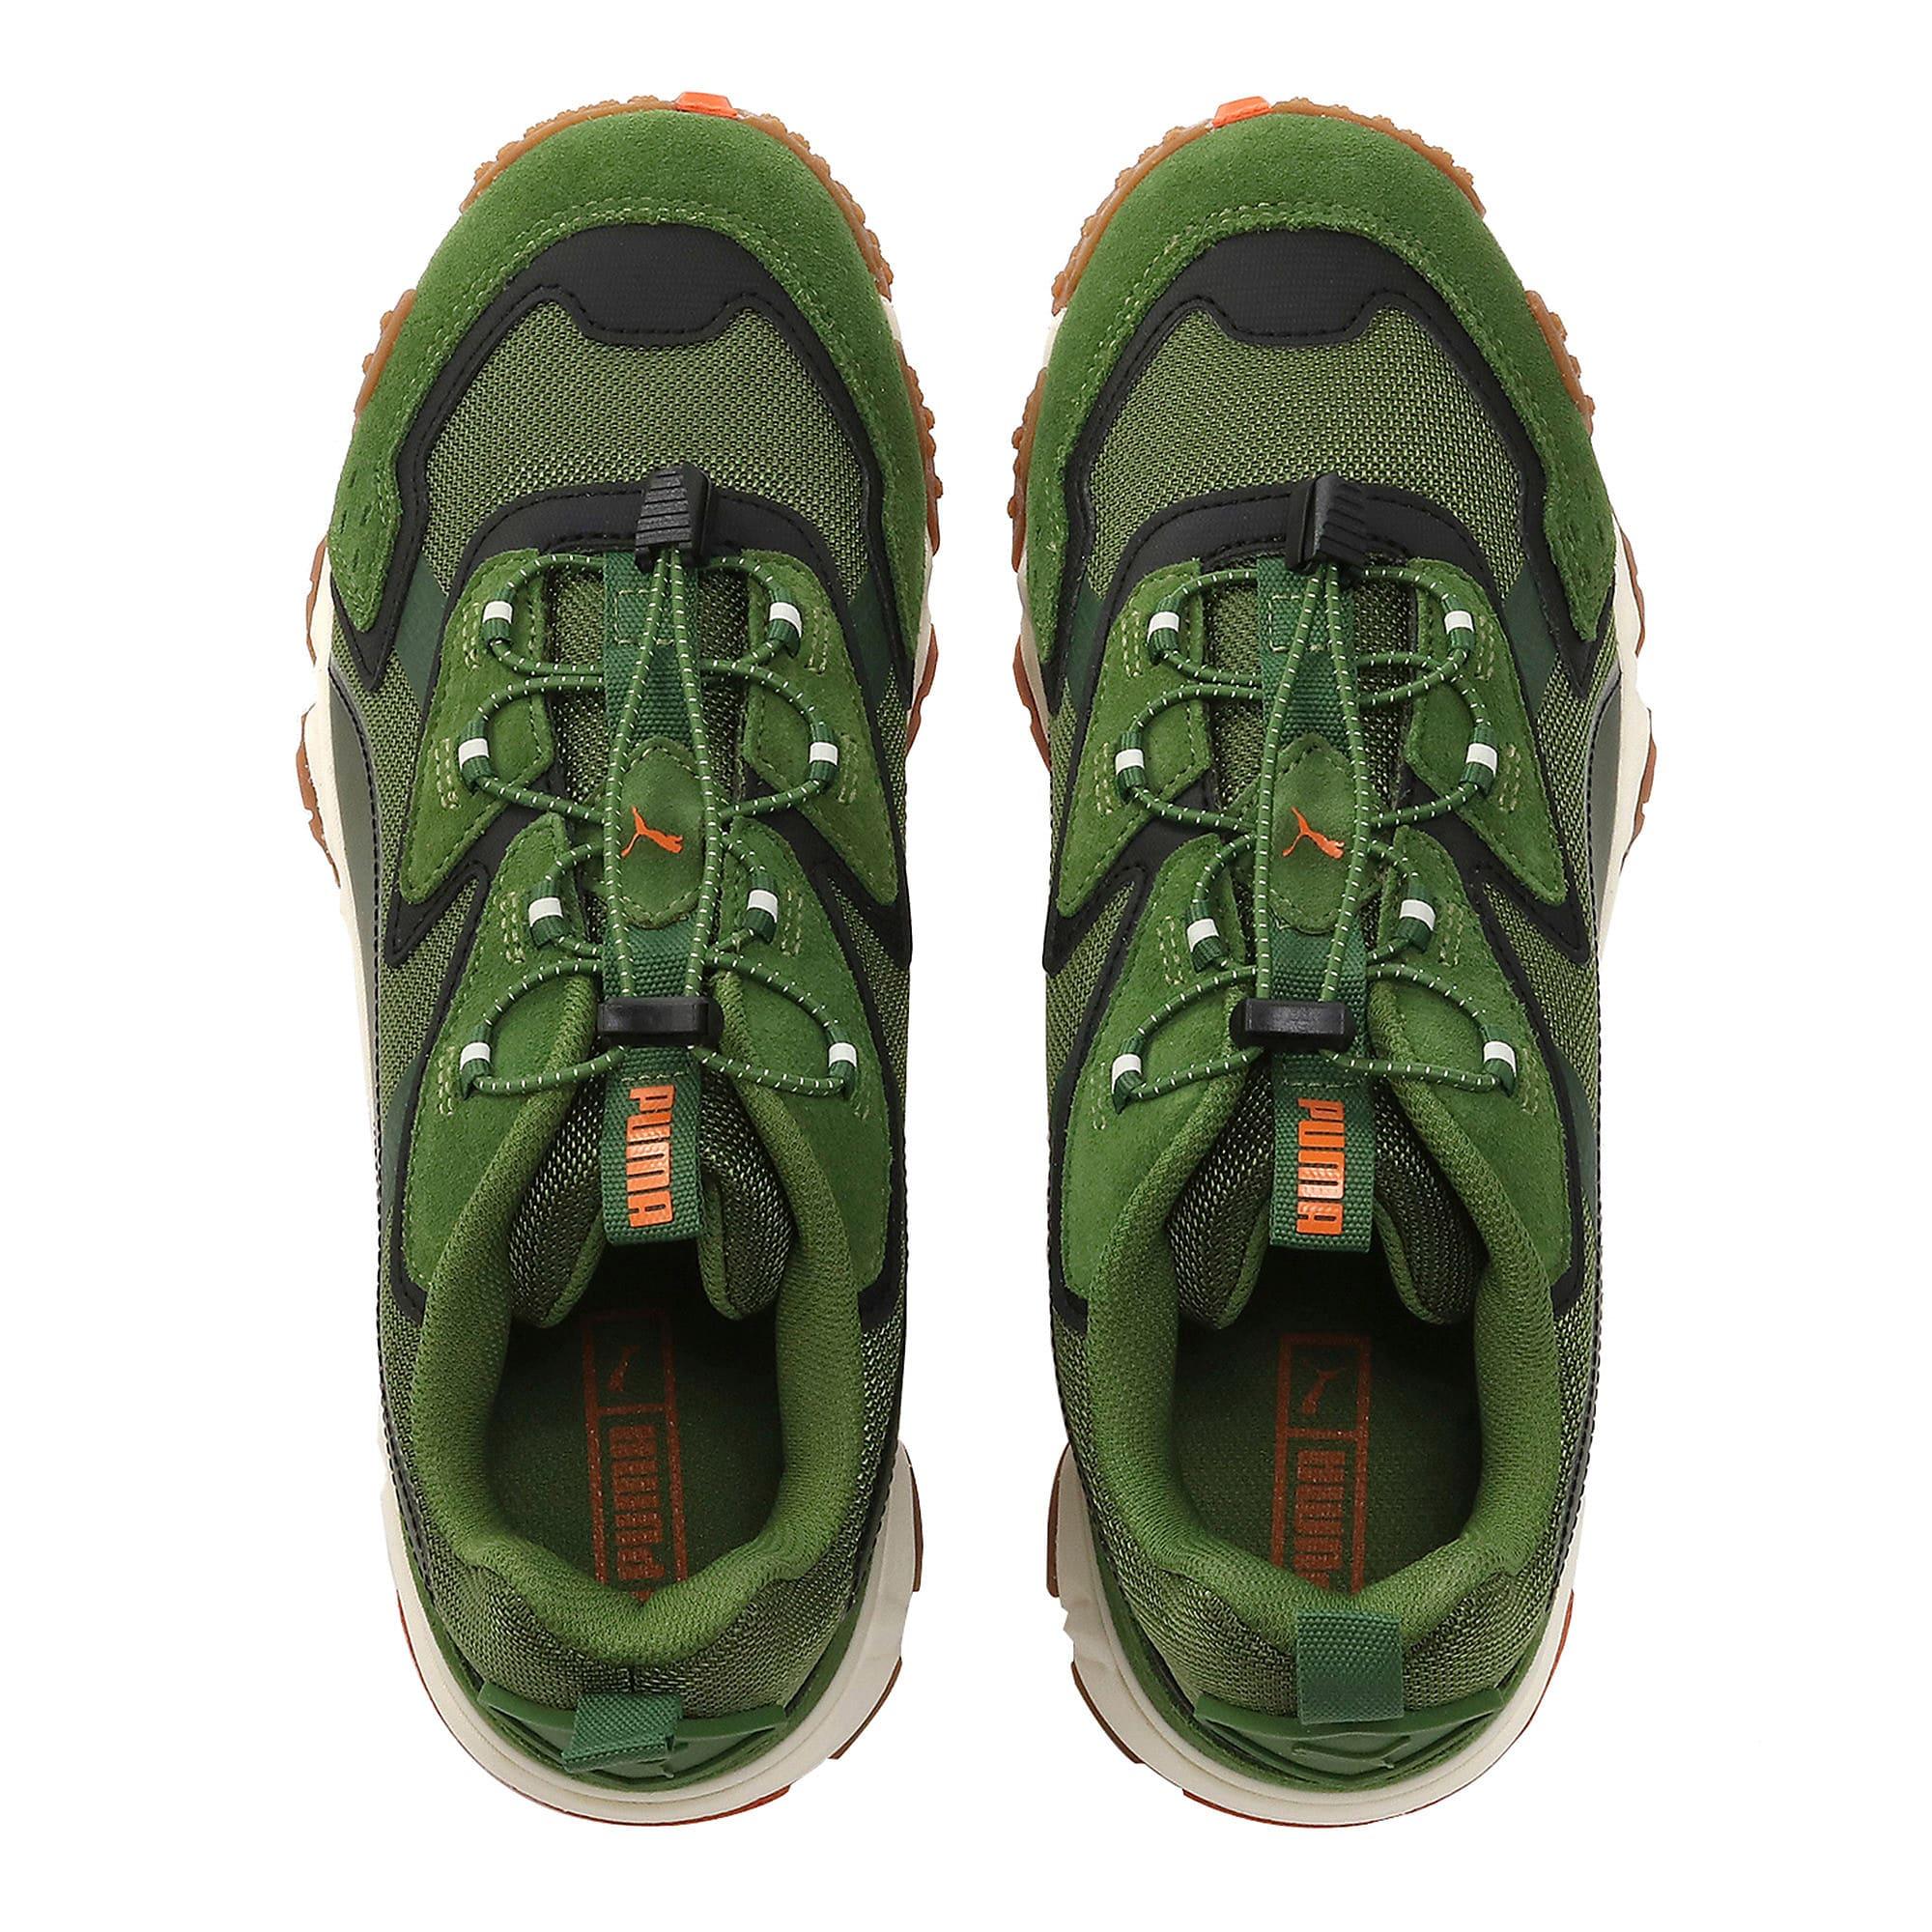 Thumbnail 6 of トレイルフォックス MTS ウォーター スニーカー, Garden Green-Whisper Wht-Gum, medium-JPN